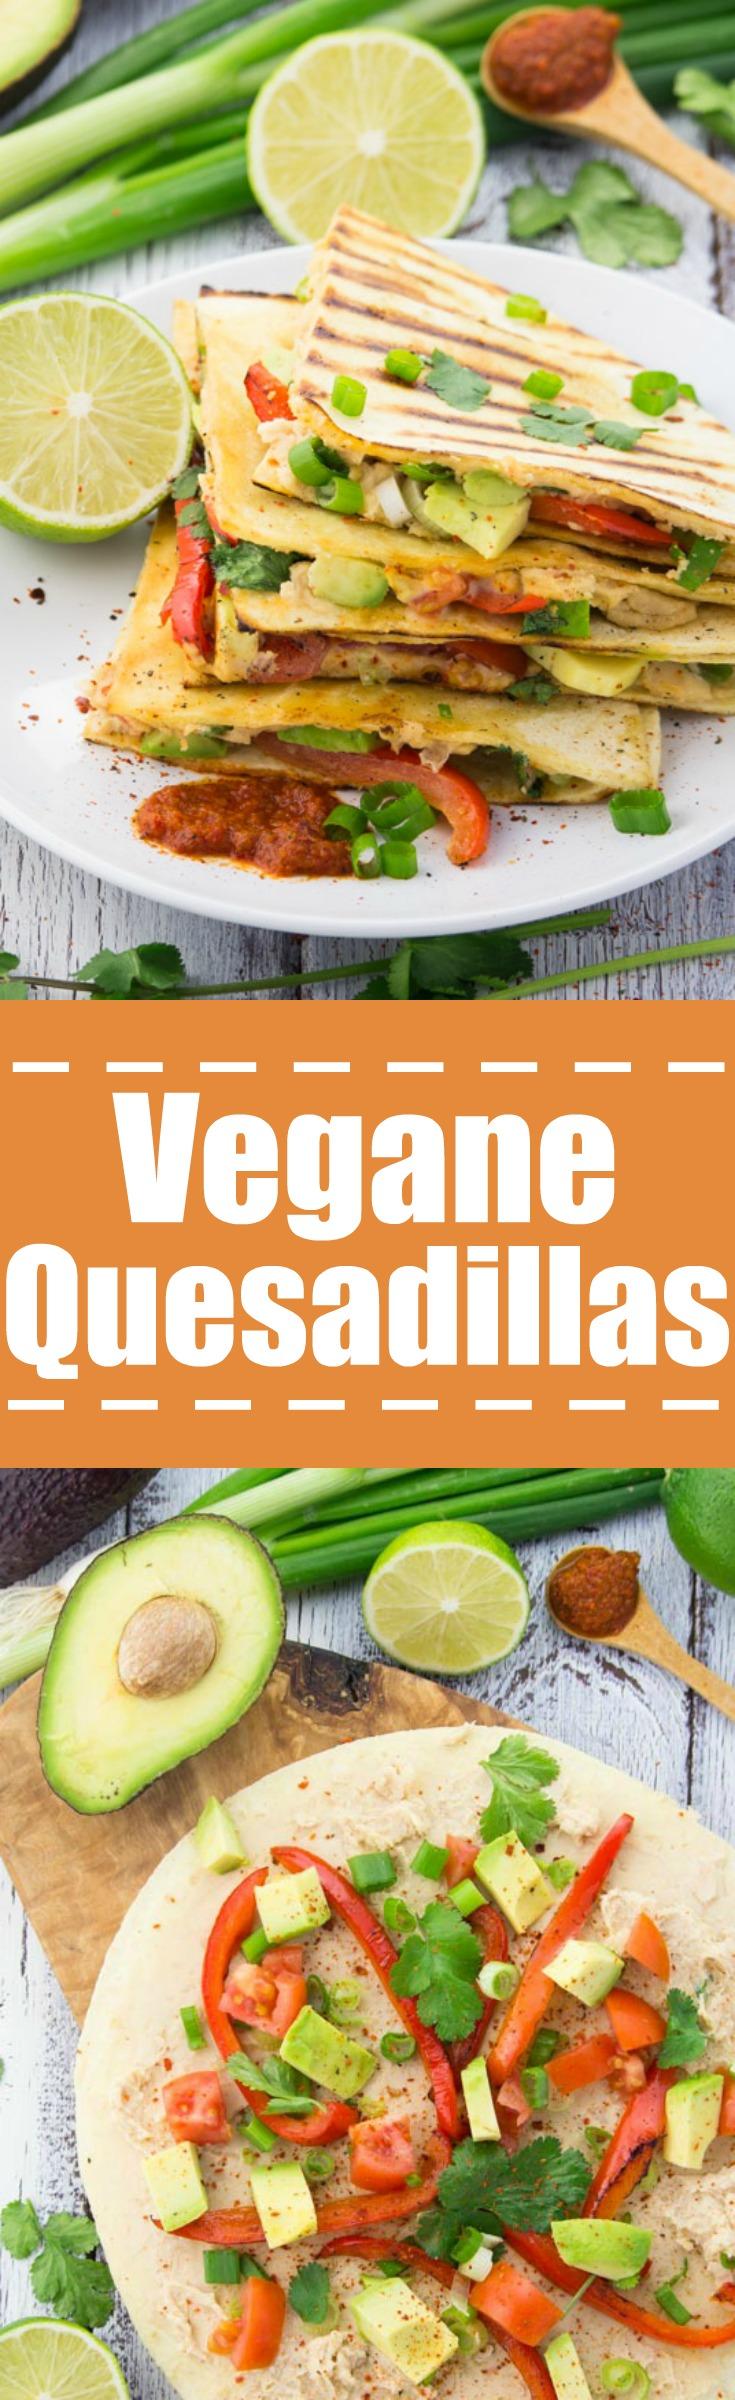 Vegane Queasadillas mit gegrillter Paprika und Avocado. Unglaublich lecker!!